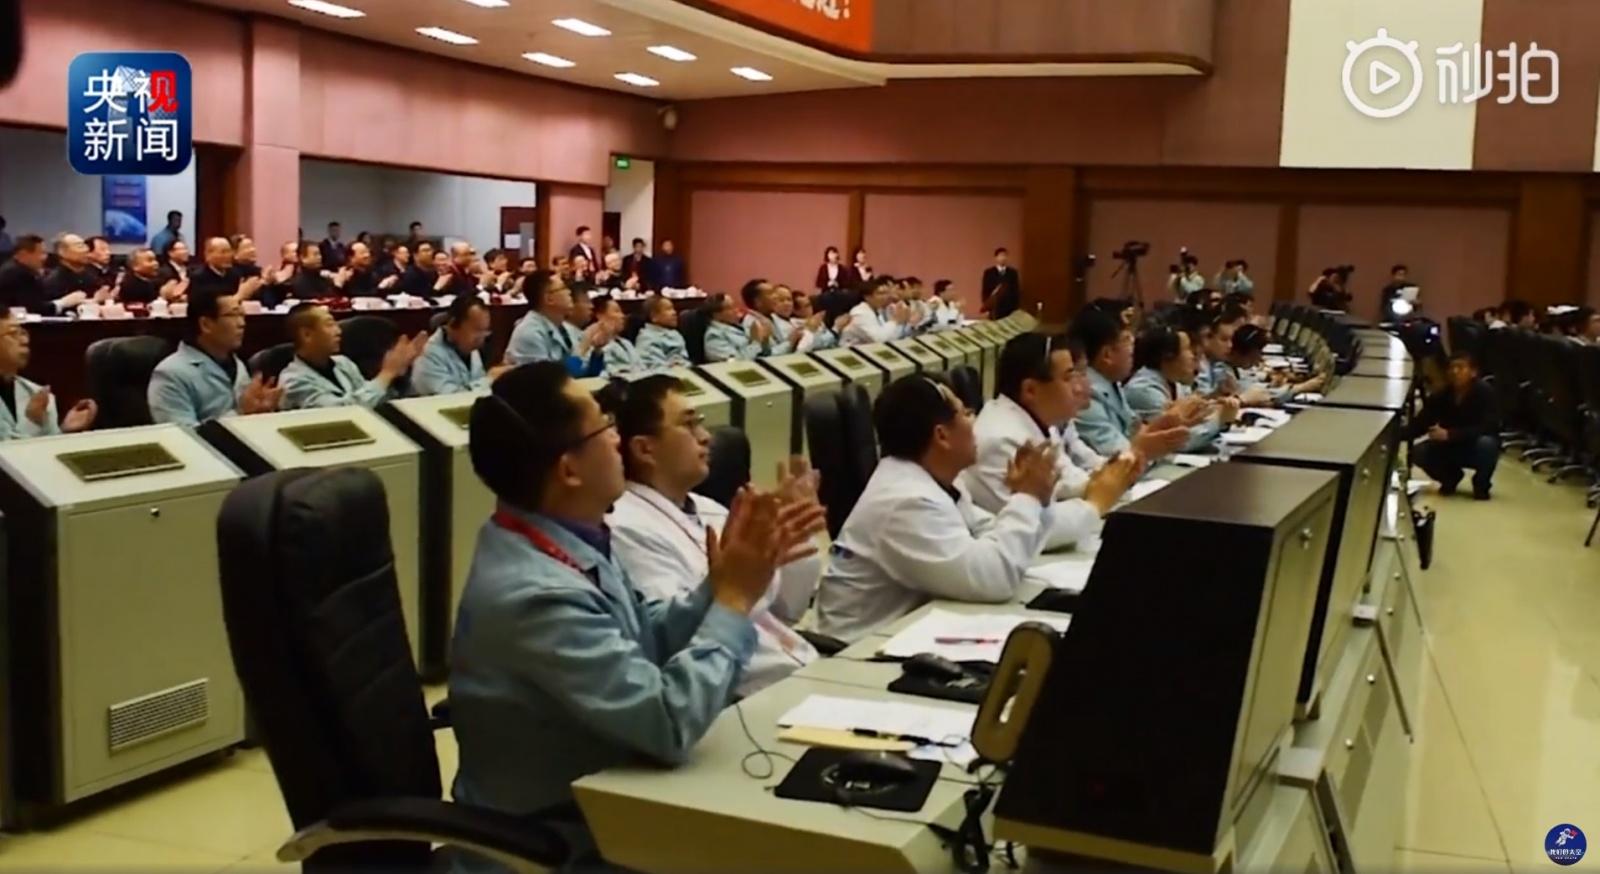 Суровая рабочая реальность — Китайский космодром Сичан (Xichang Satellite Launch Center — XSLC) - 116